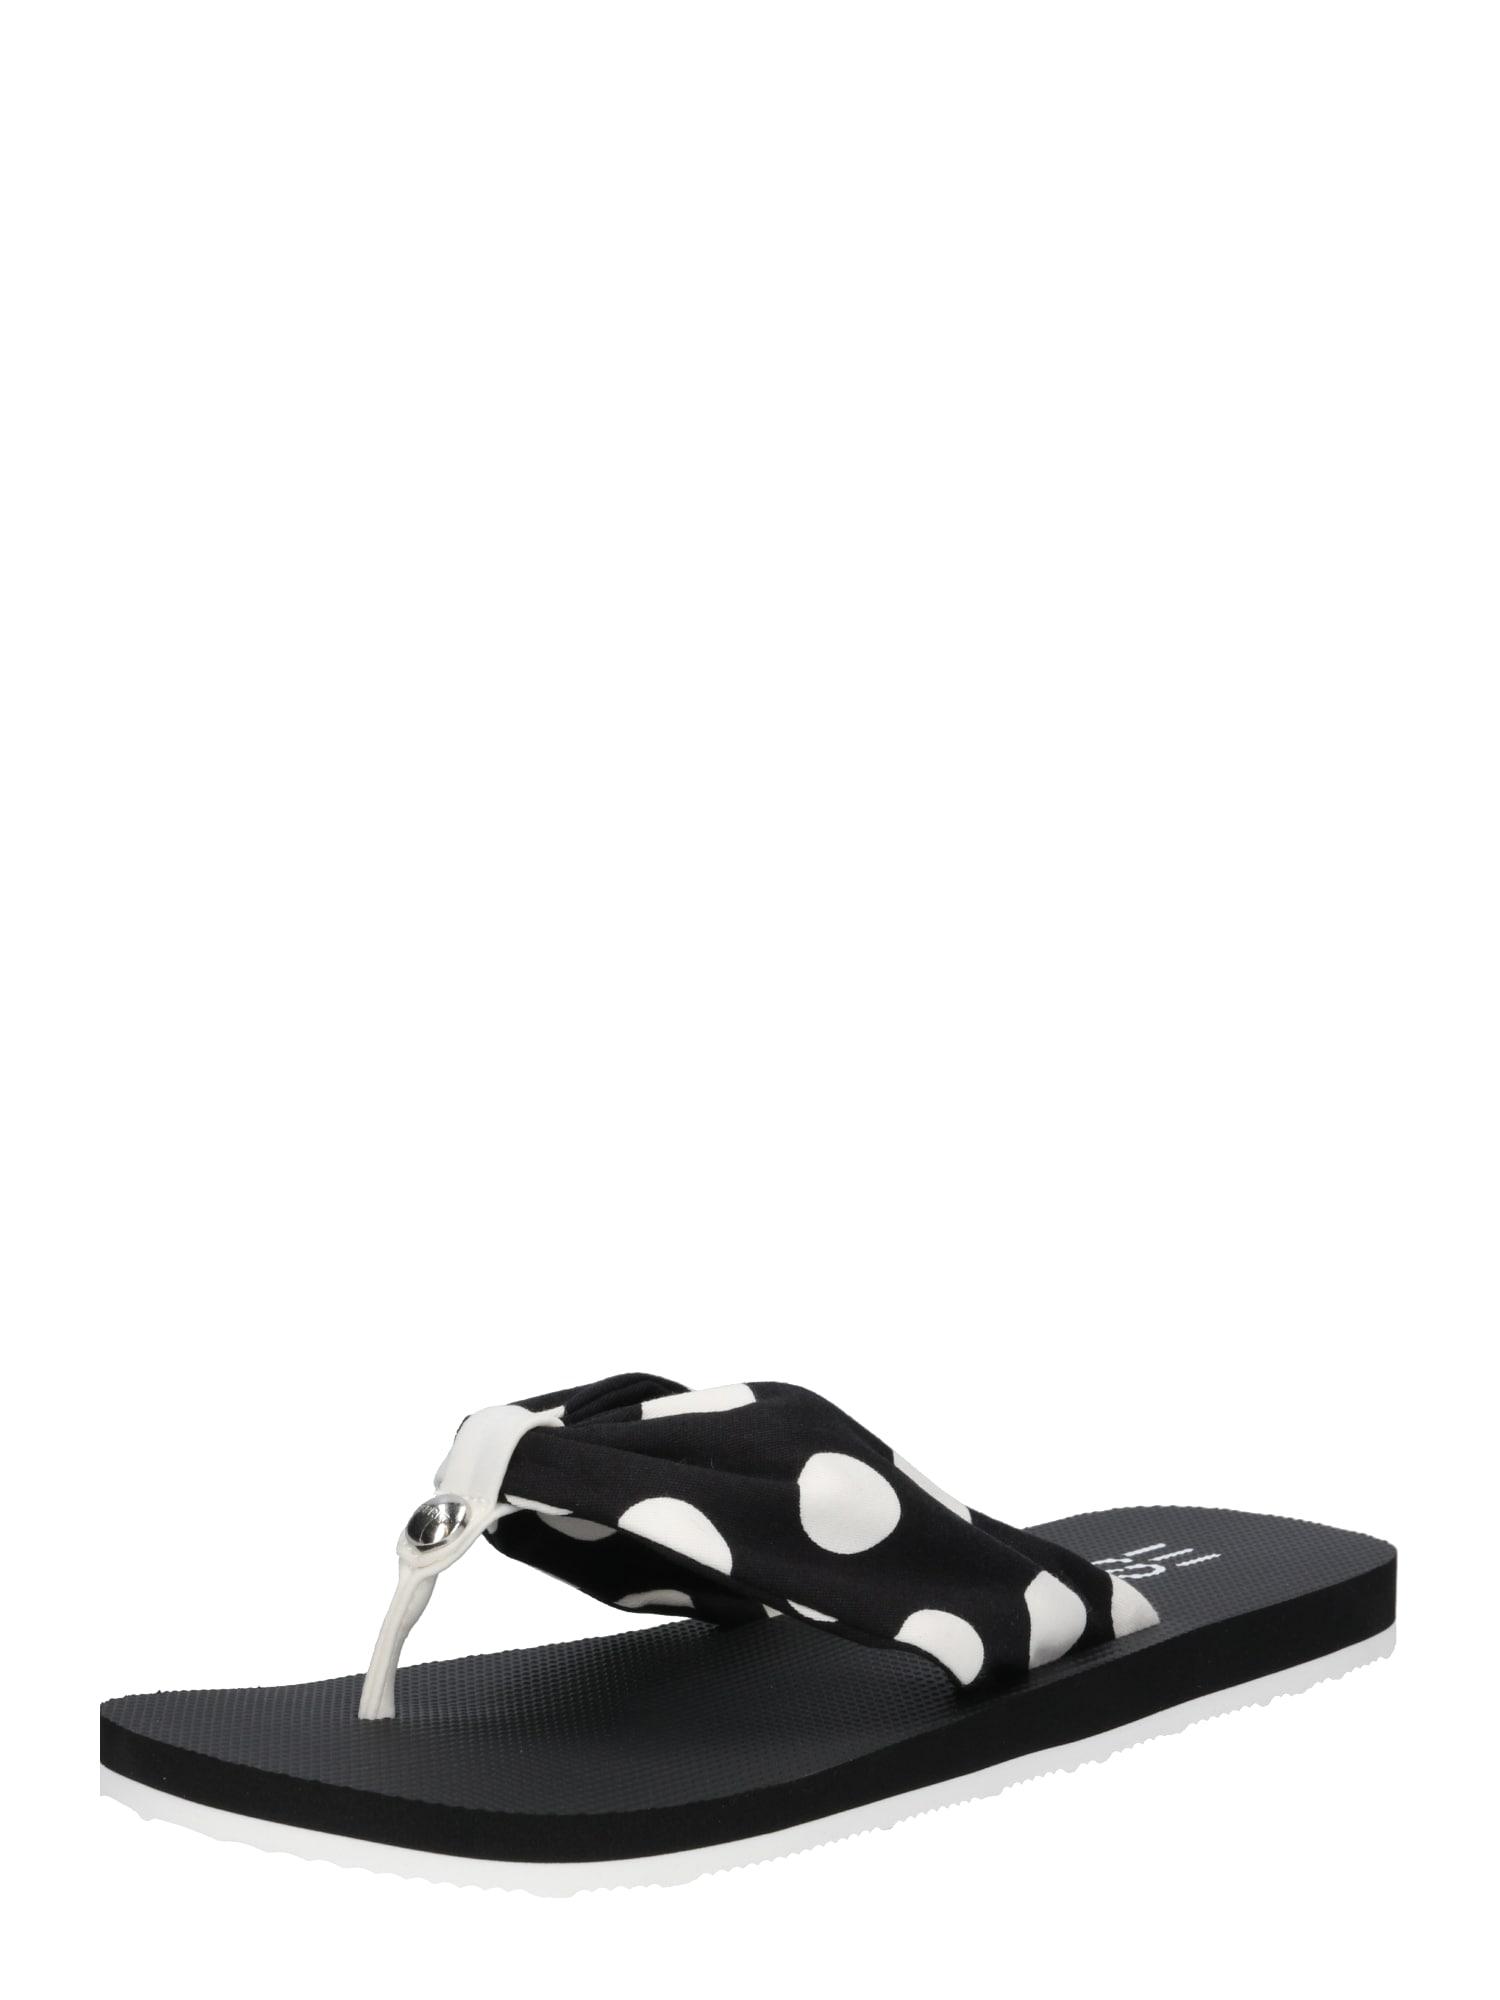 Pantofle Denise dot černá bílá ESPRIT